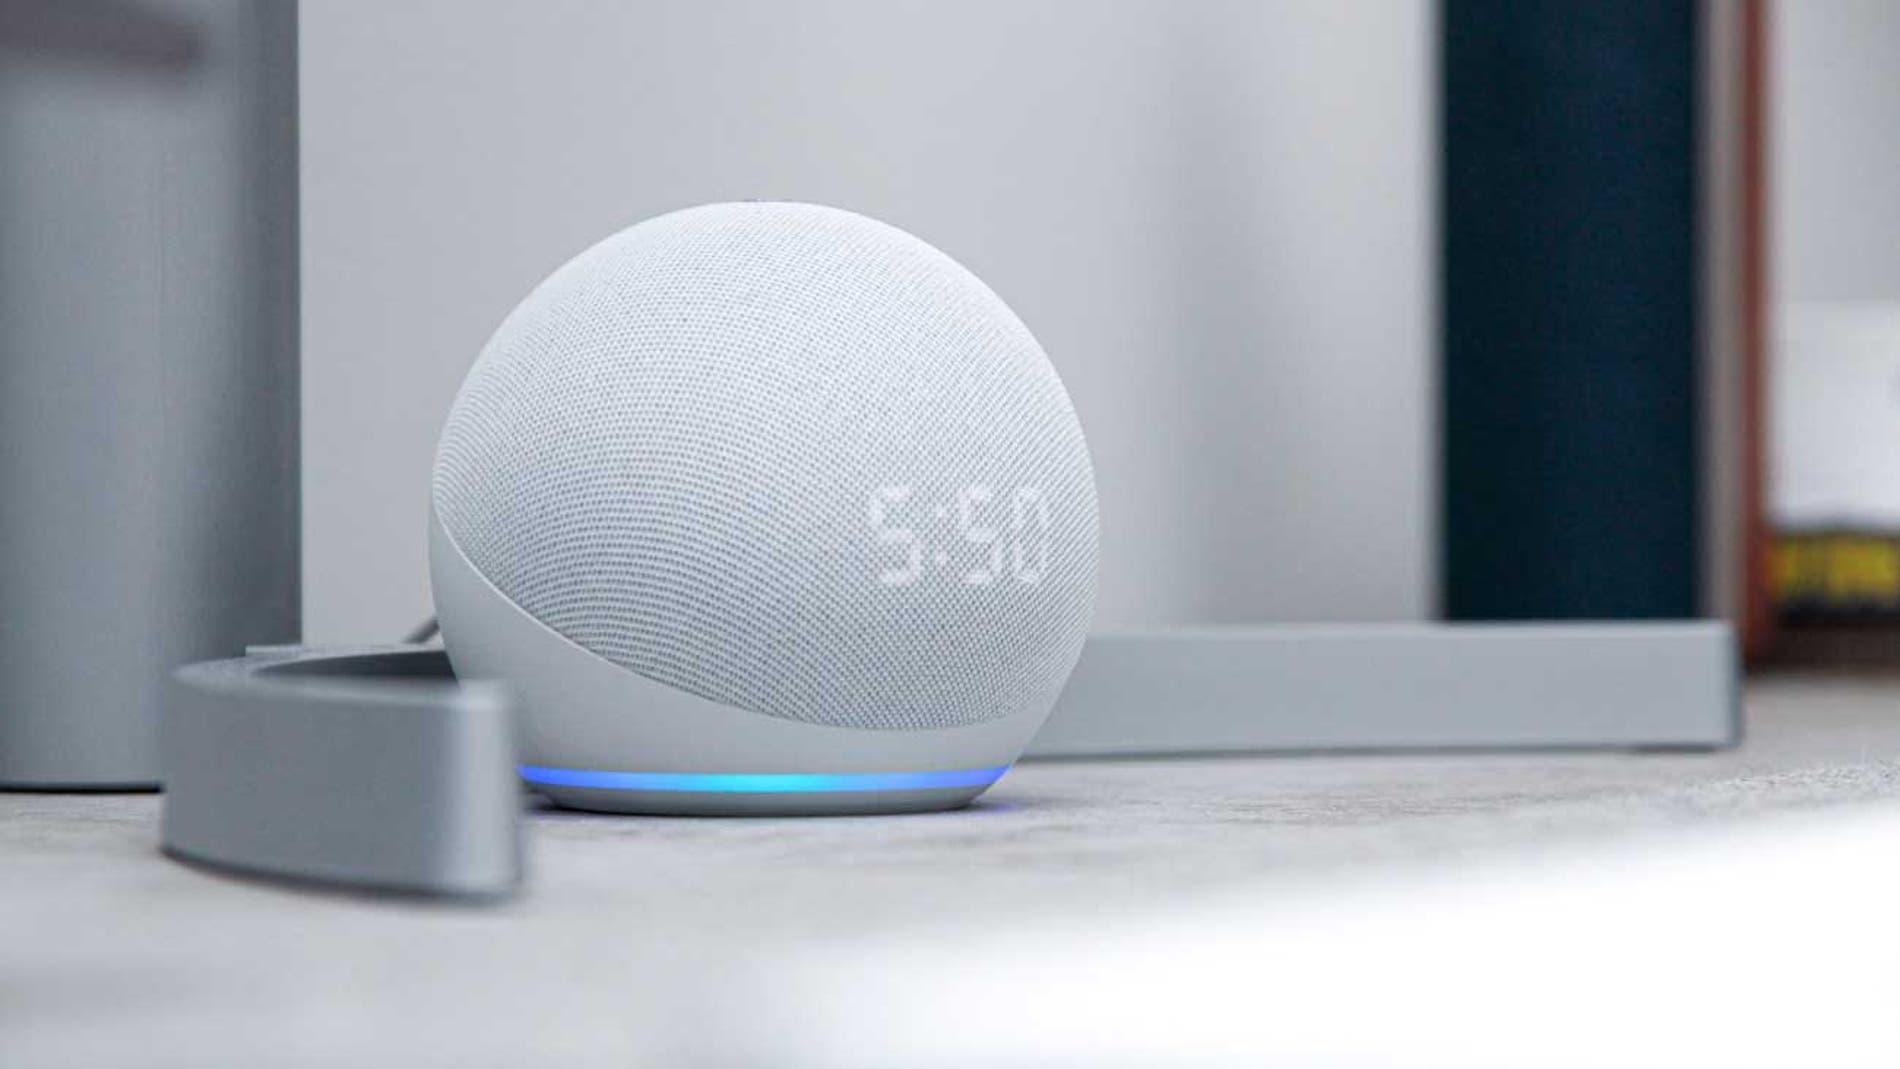 Programa rutinas en tu Amazon Echo y ahorra energía